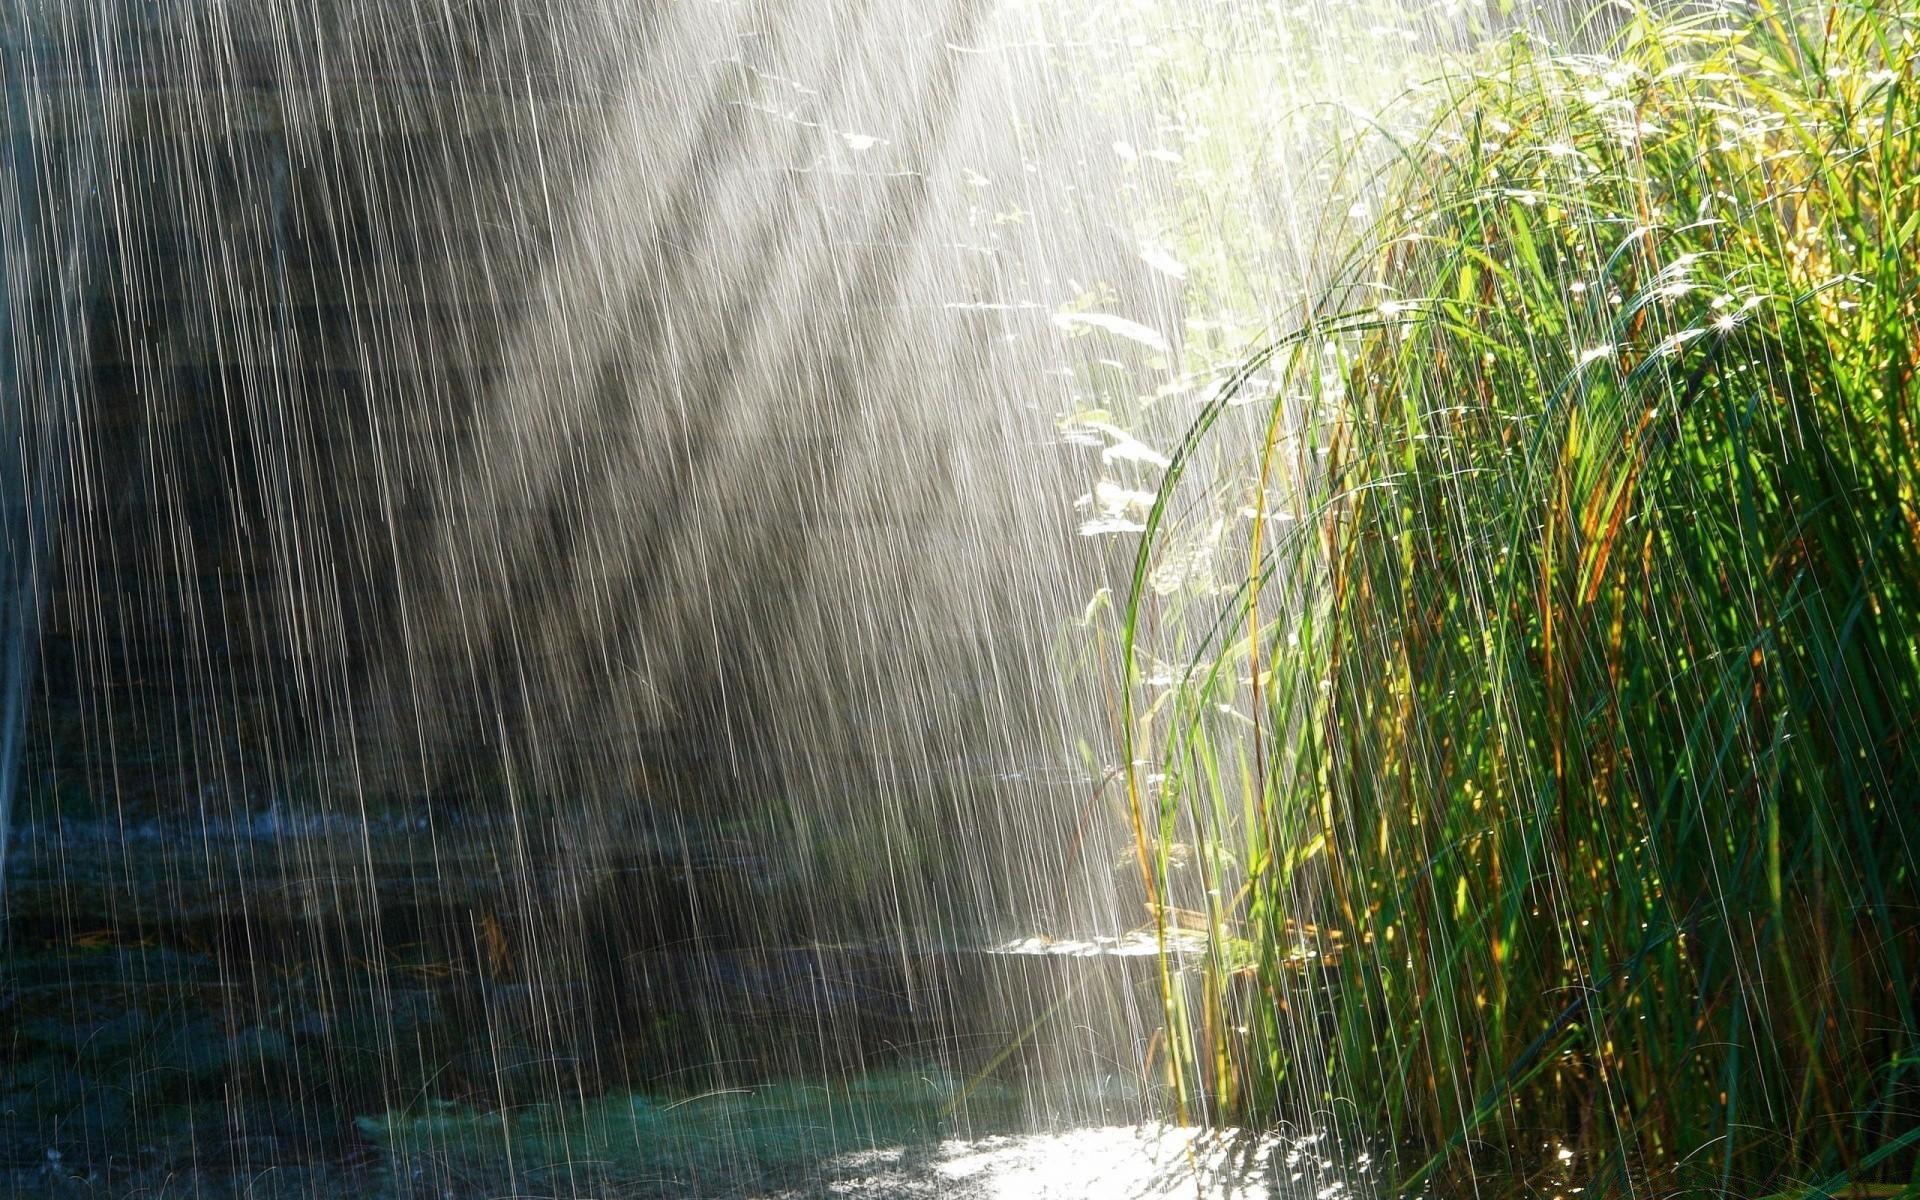 ритуал подействовал картинки на телефон лето дождь высокой